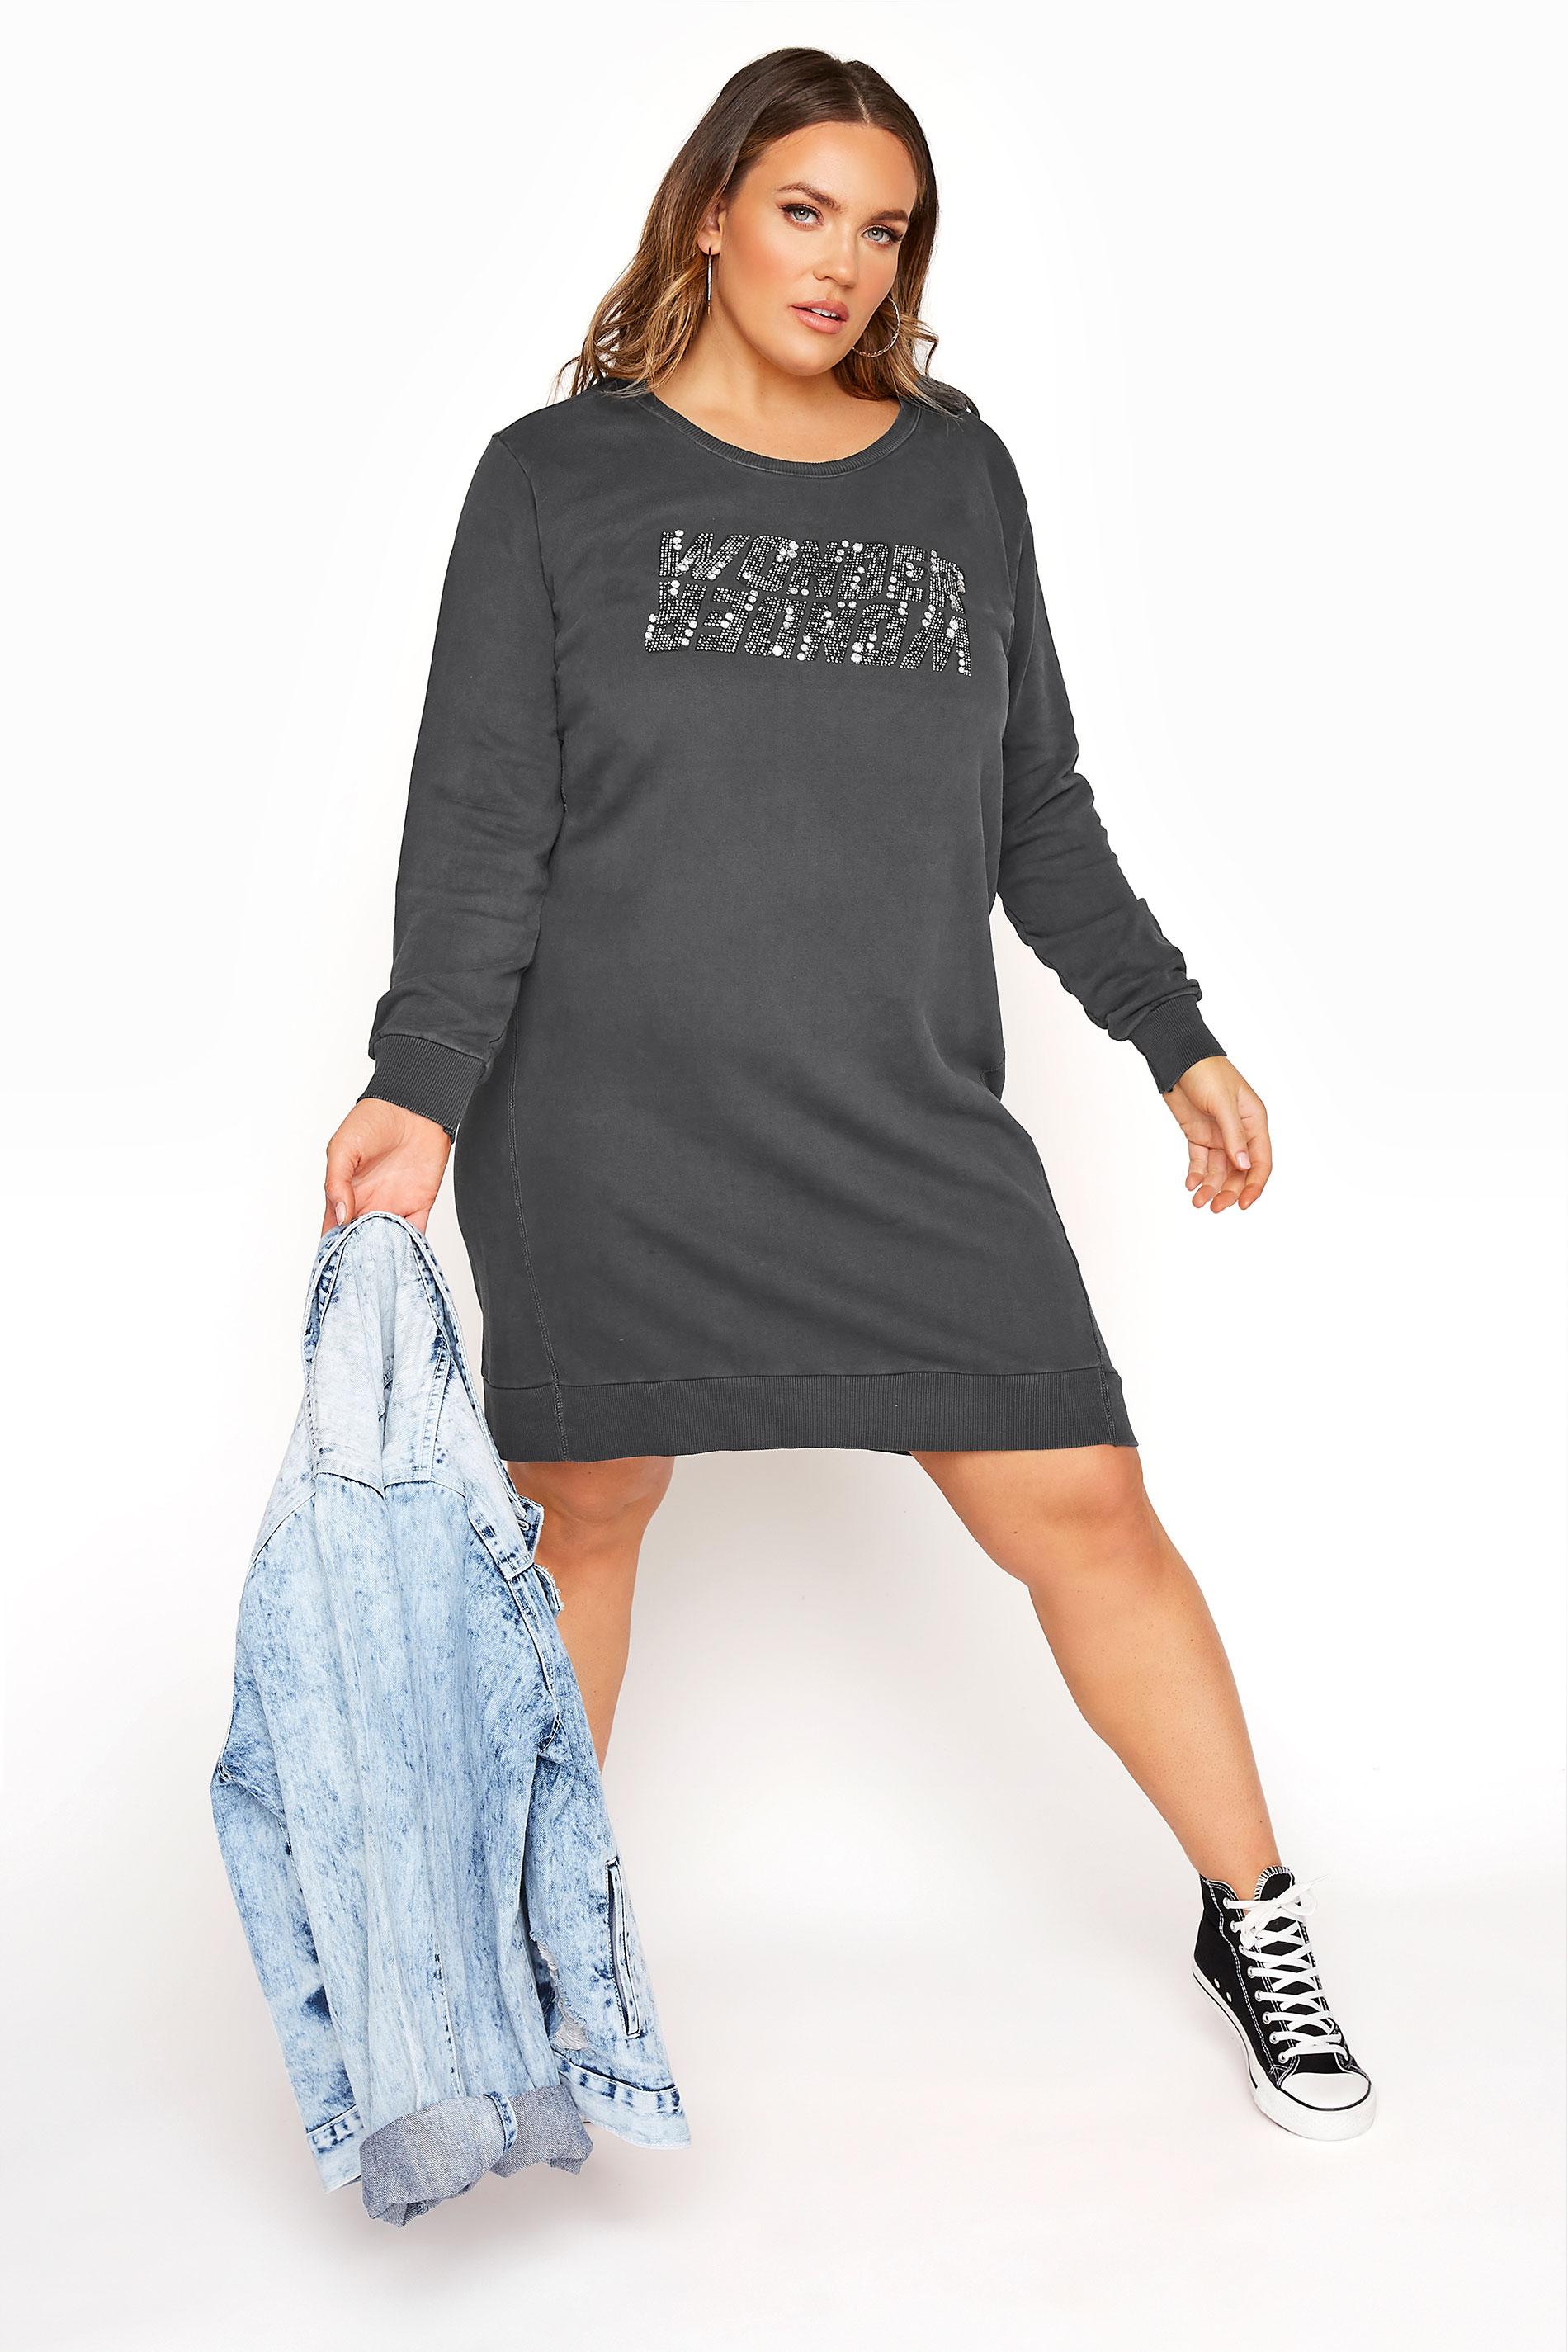 Graues verwaschenes Sweatshirt Kleid mit Diamantverzierung & Schriftzug 'Wonder'